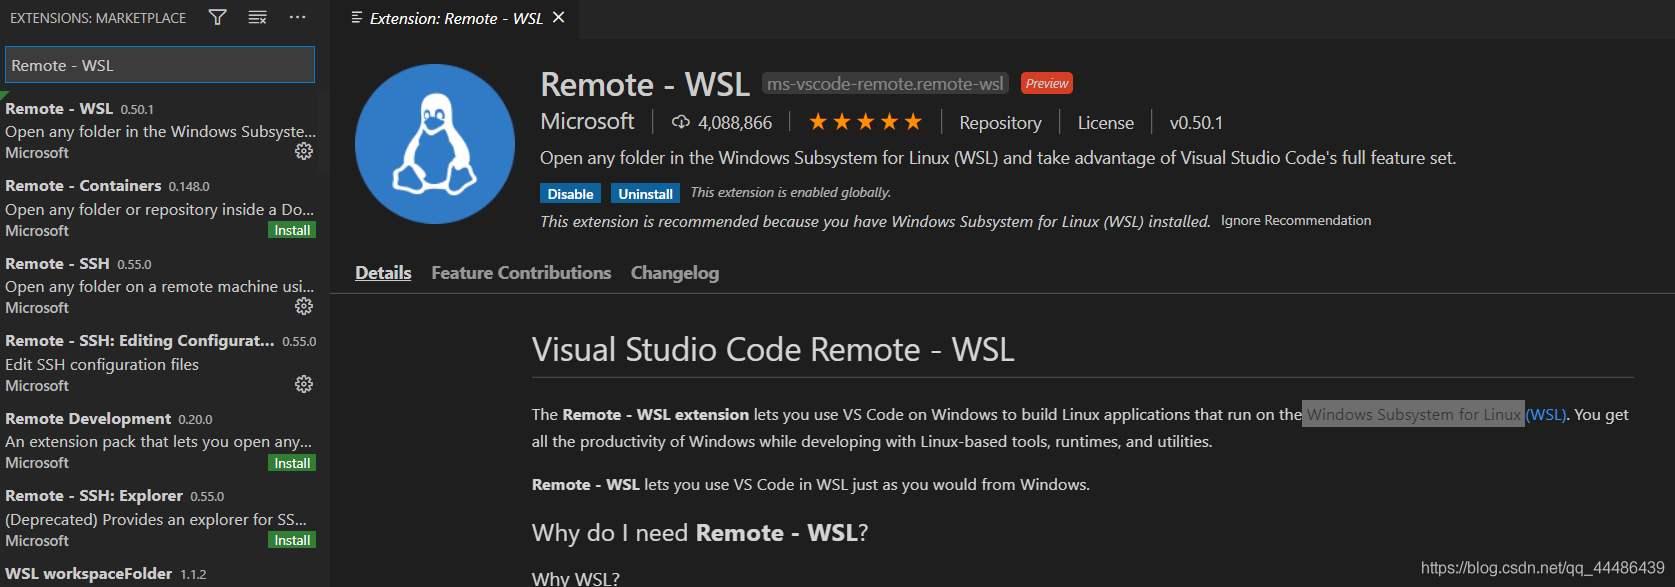 vscode-remote